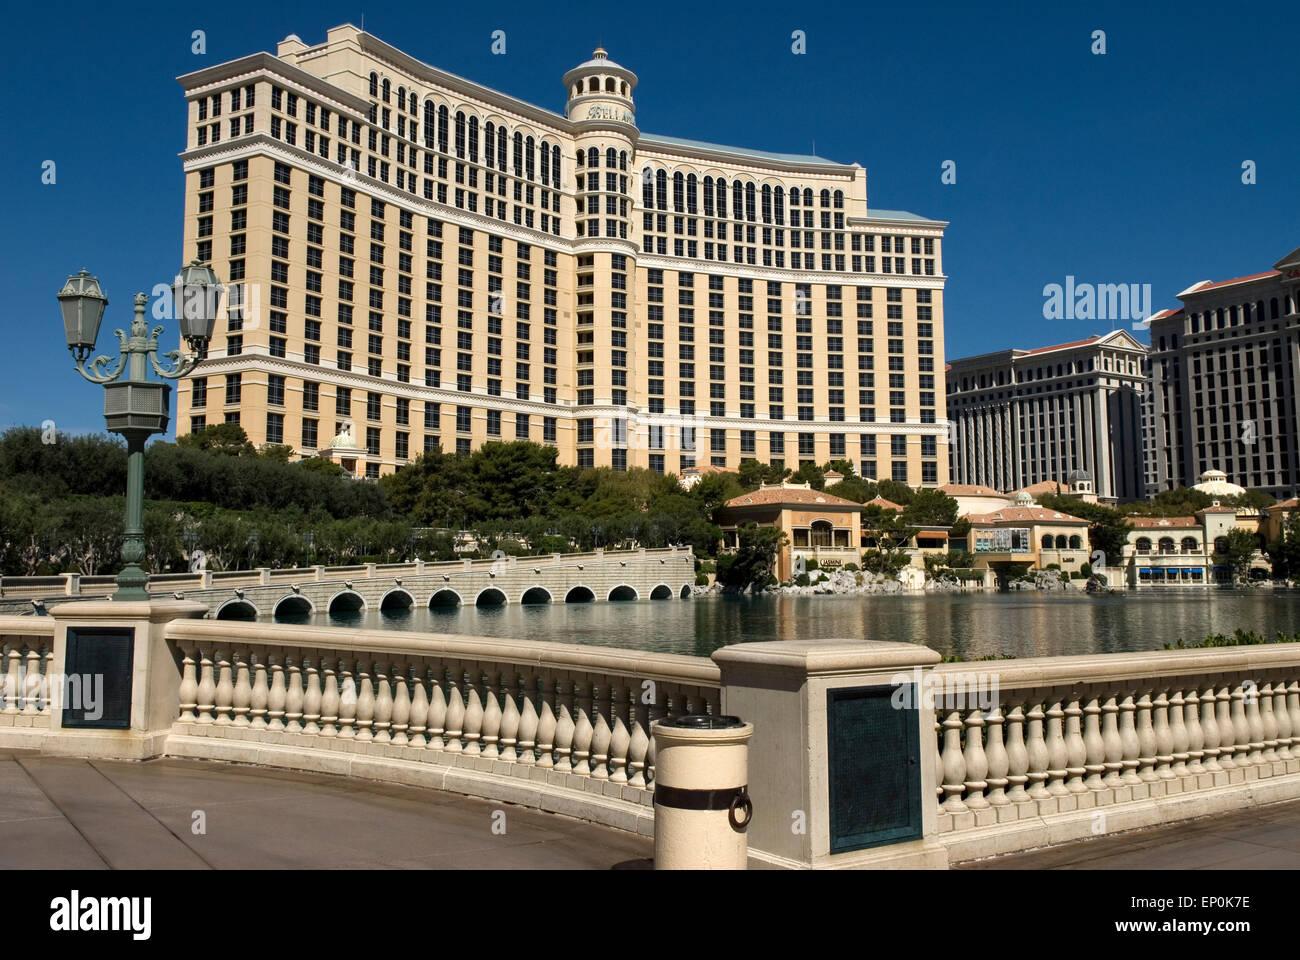 Bellagio Las Vegas Nevada USA - Stock Image